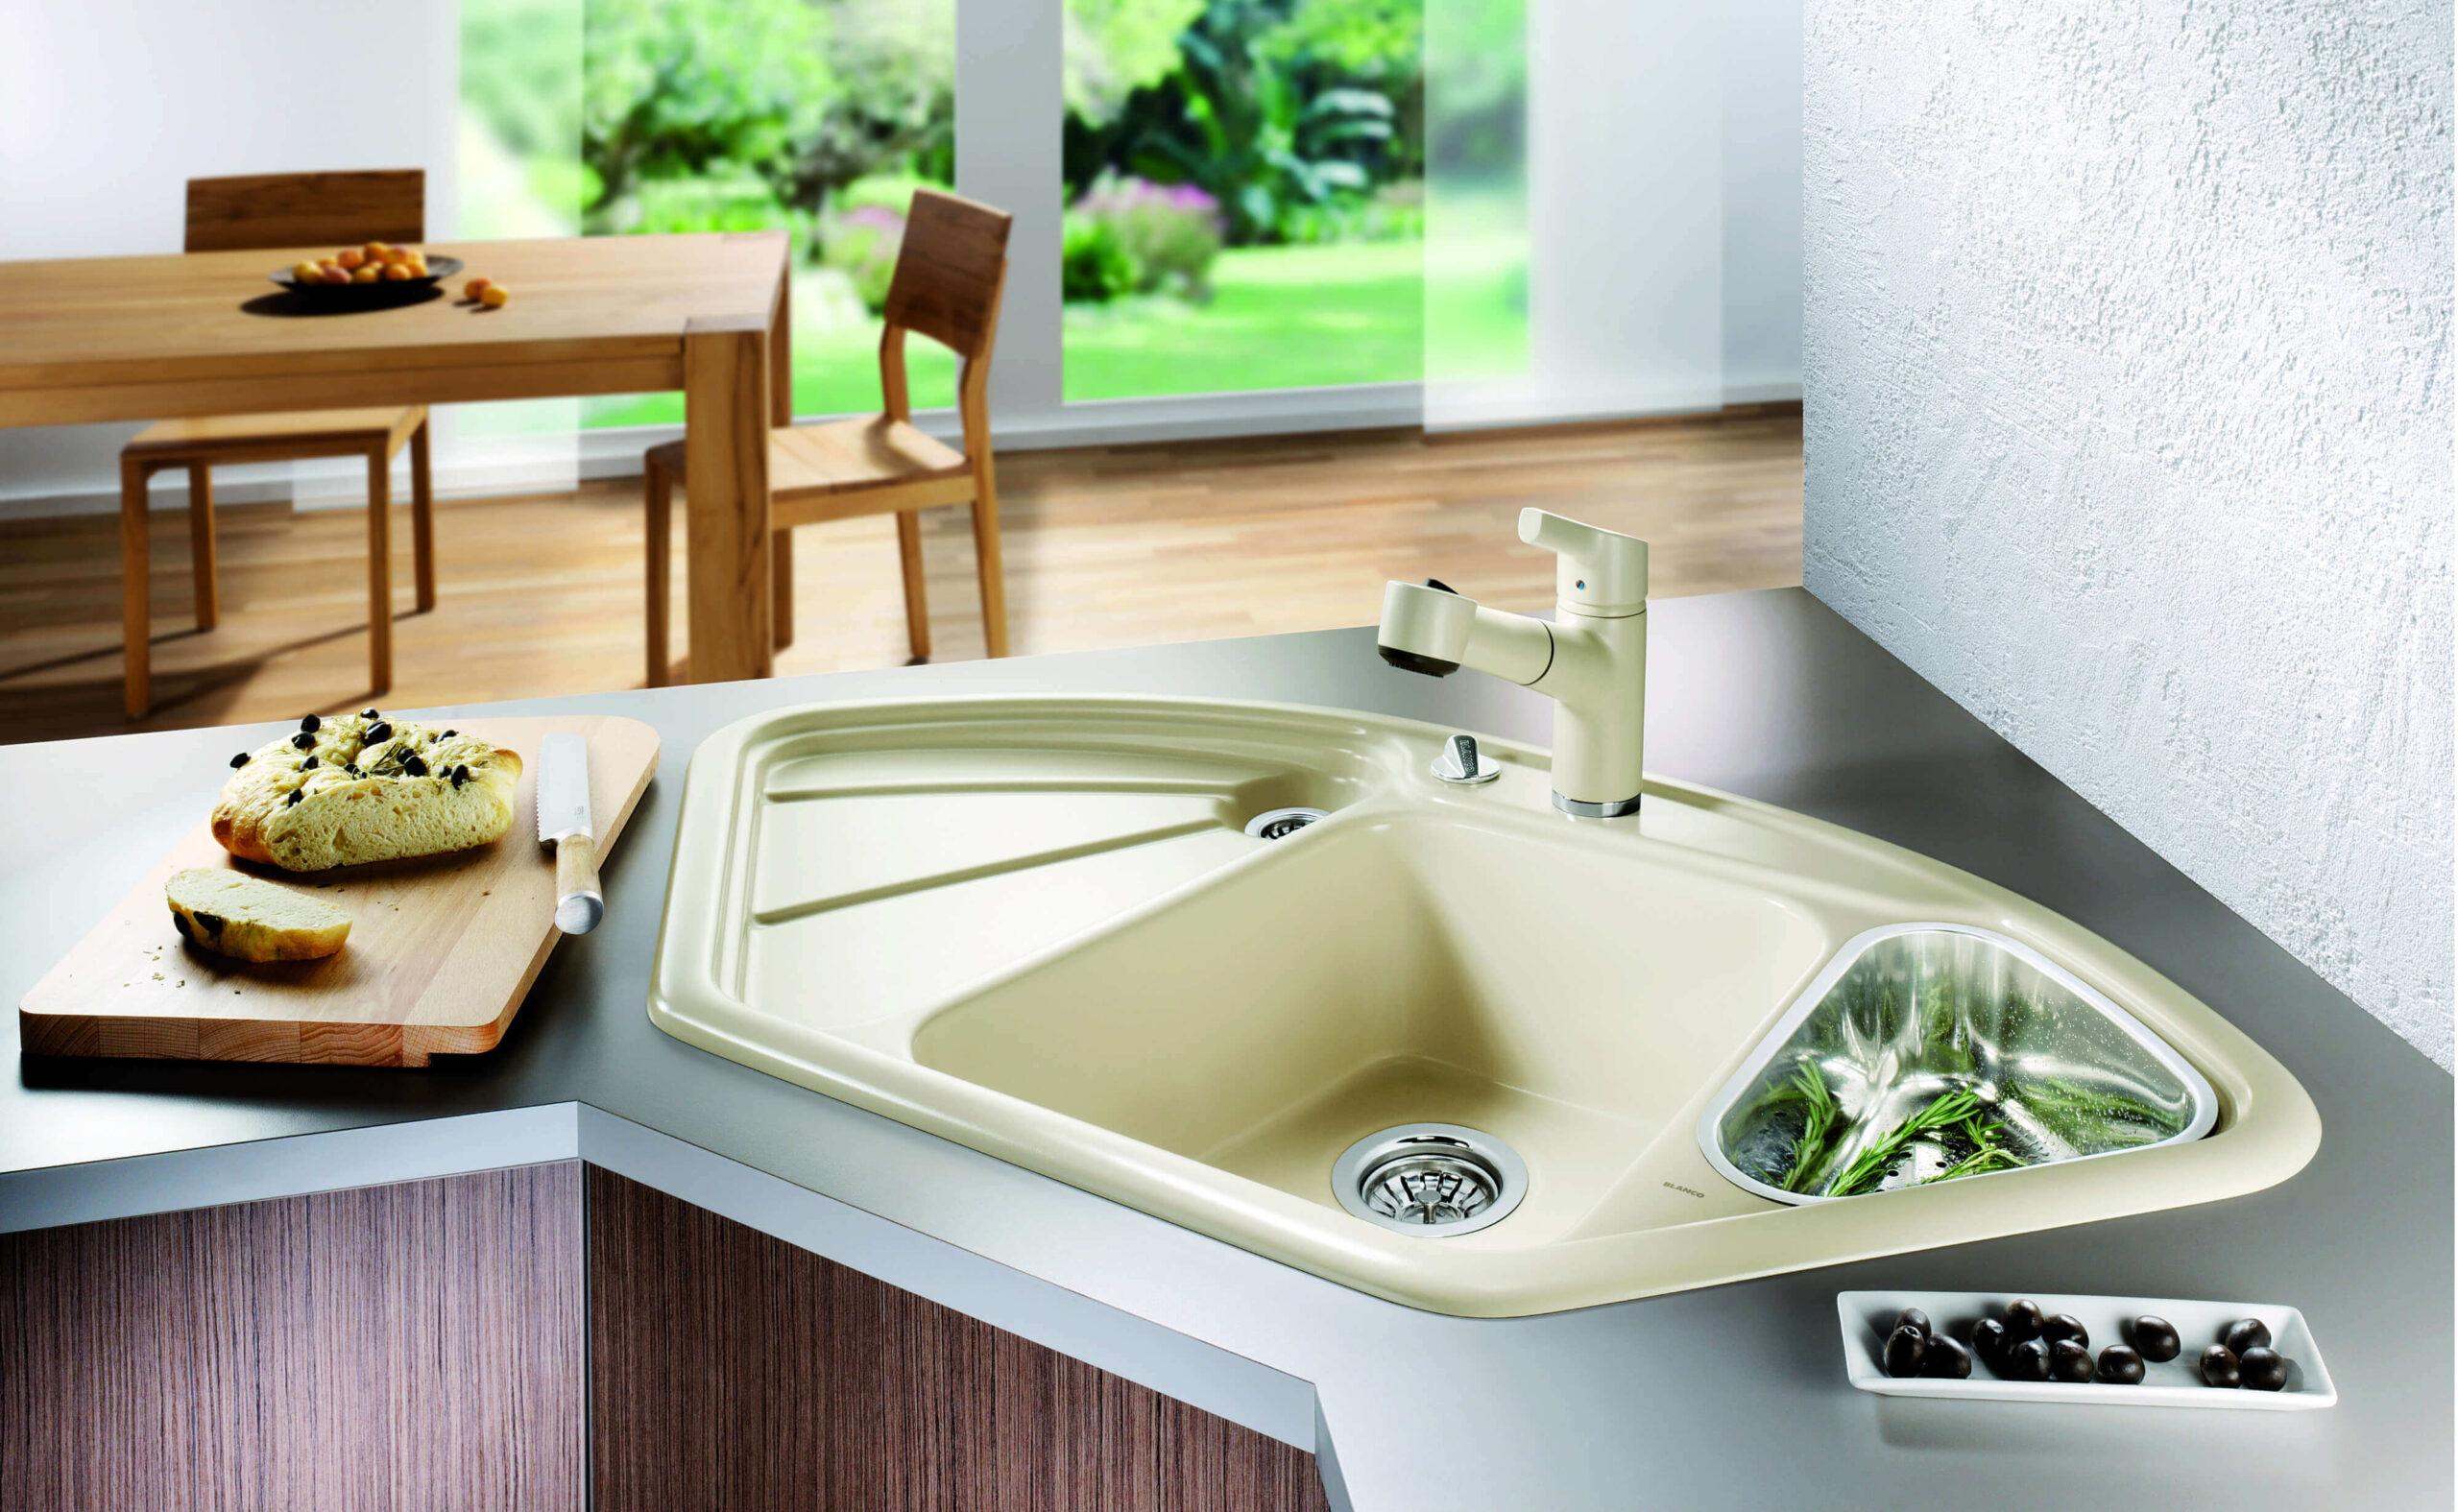 Full Size of Sple Edelstahl Oder Keramik Was Ist Besser Vor Und Nachteile Waschbecken Küche Wohnzimmer Spülstein Keramik